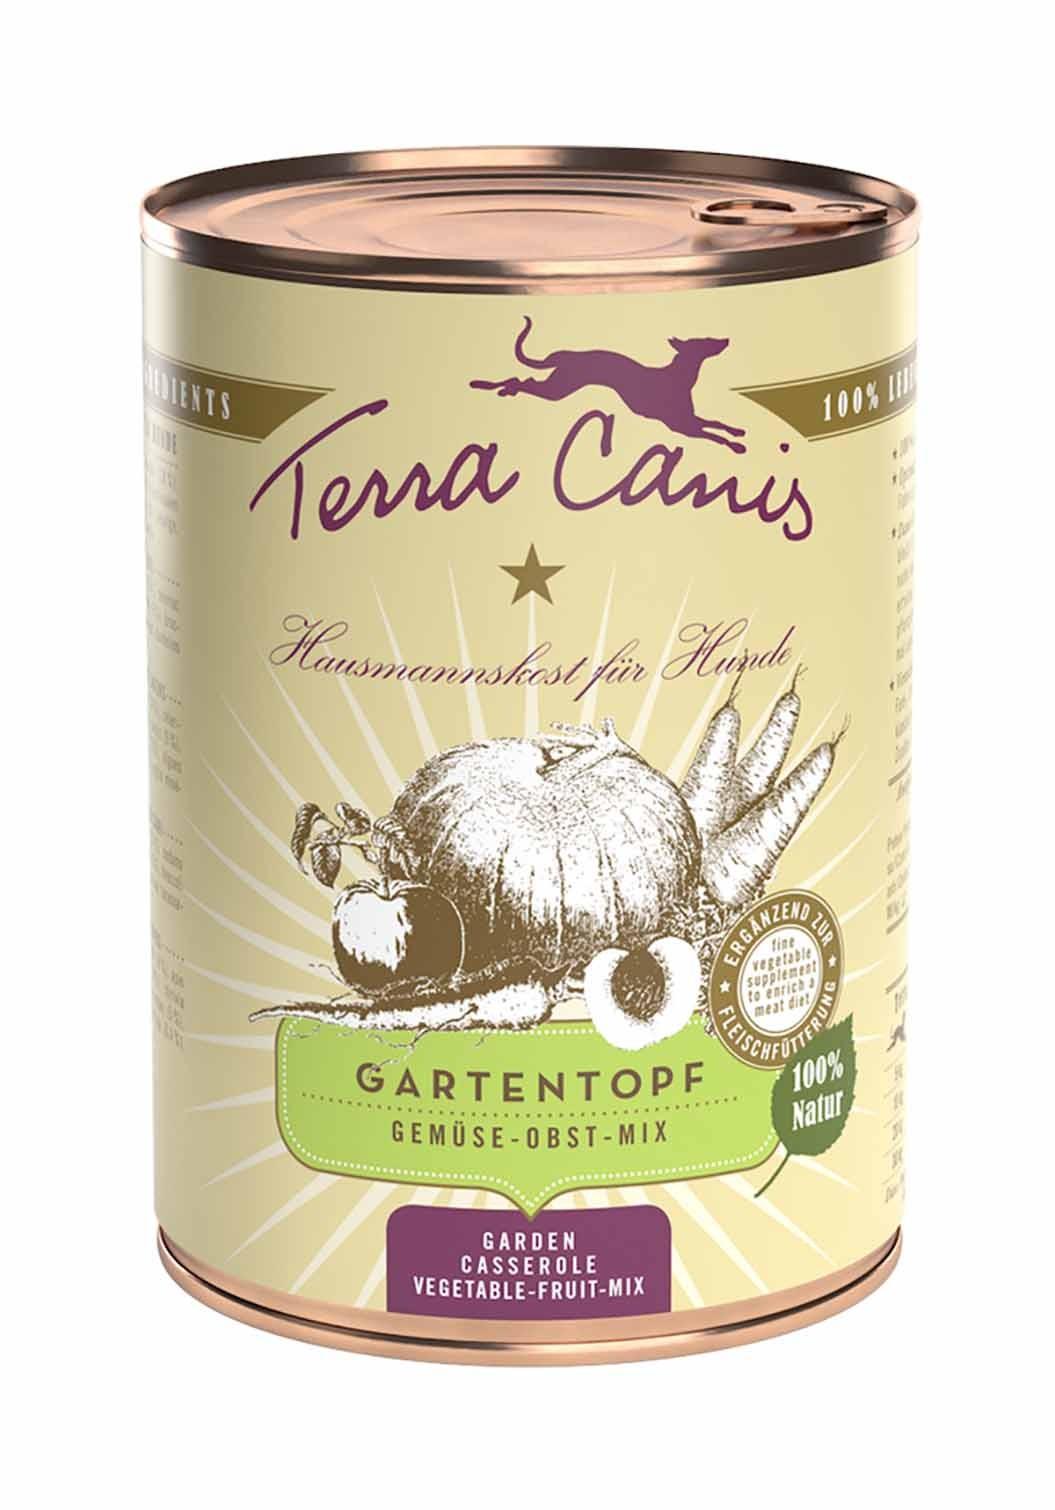 Terra Canis Gartentopf Gemüse-Obst-Mix 400g